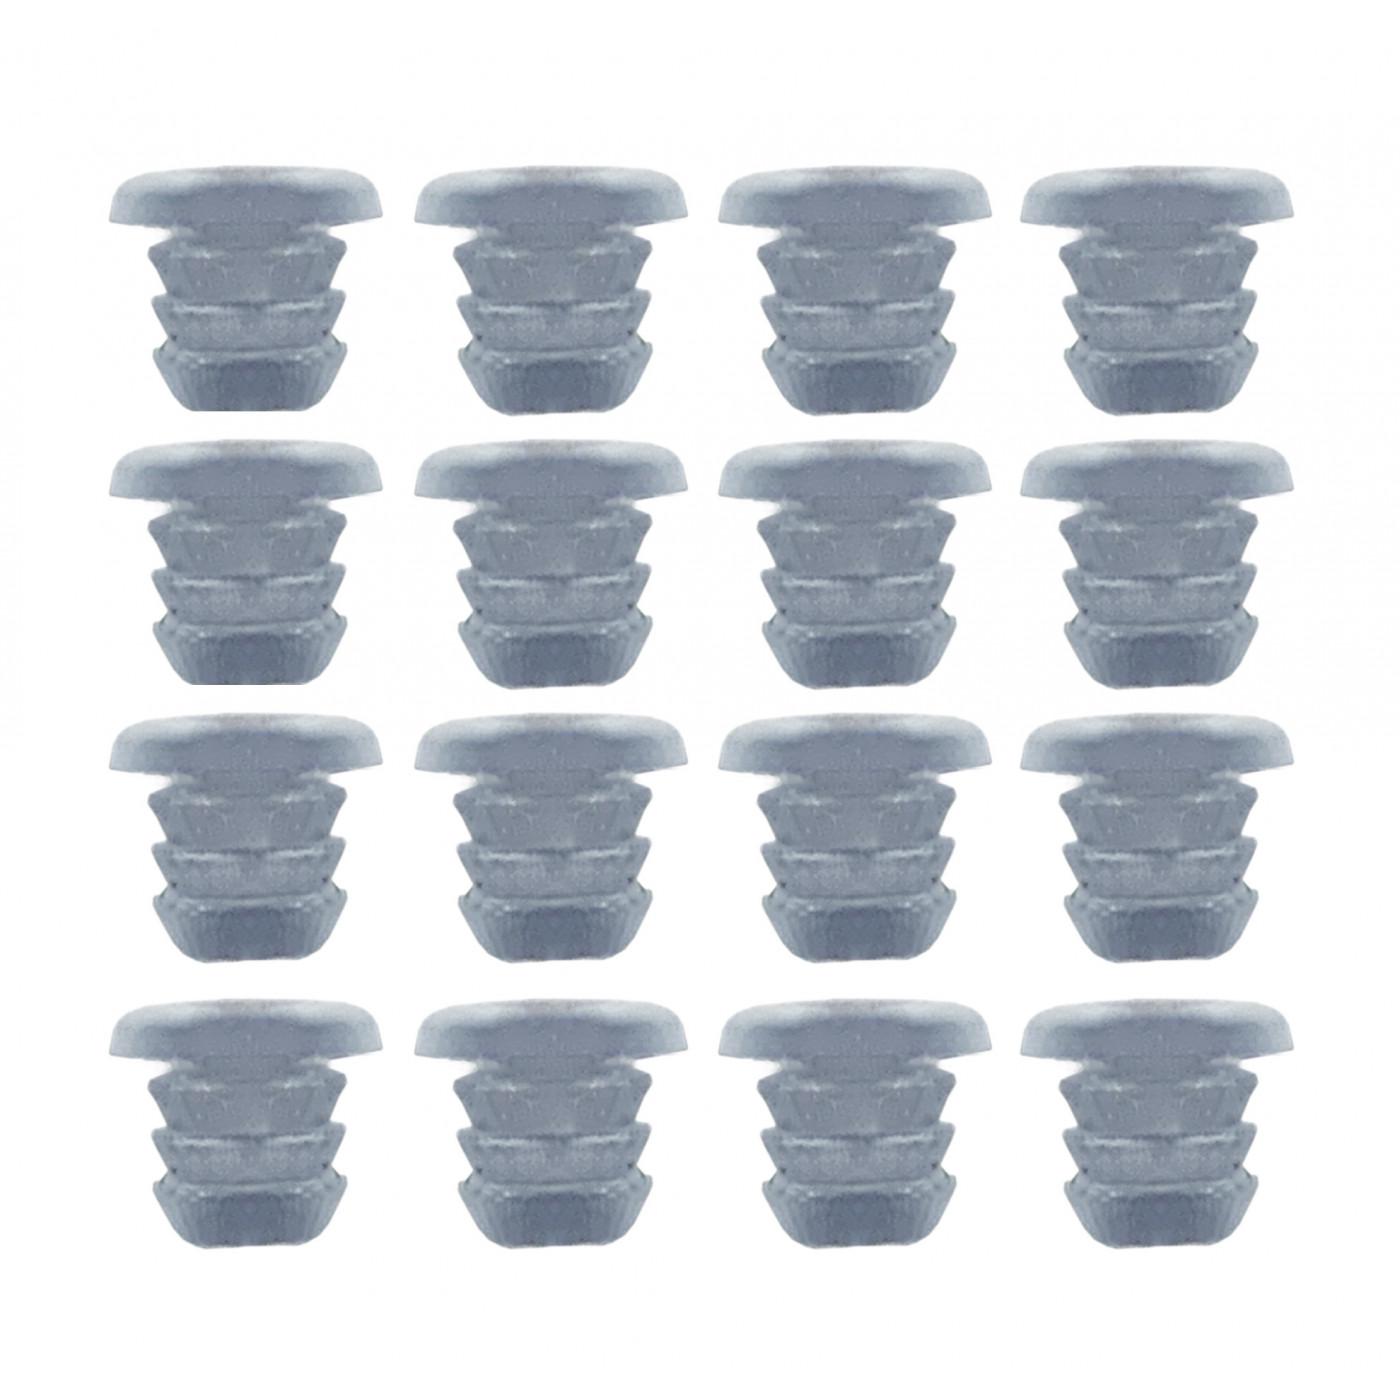 Set of 300 pvc caps, buffers, door dampers (type 1